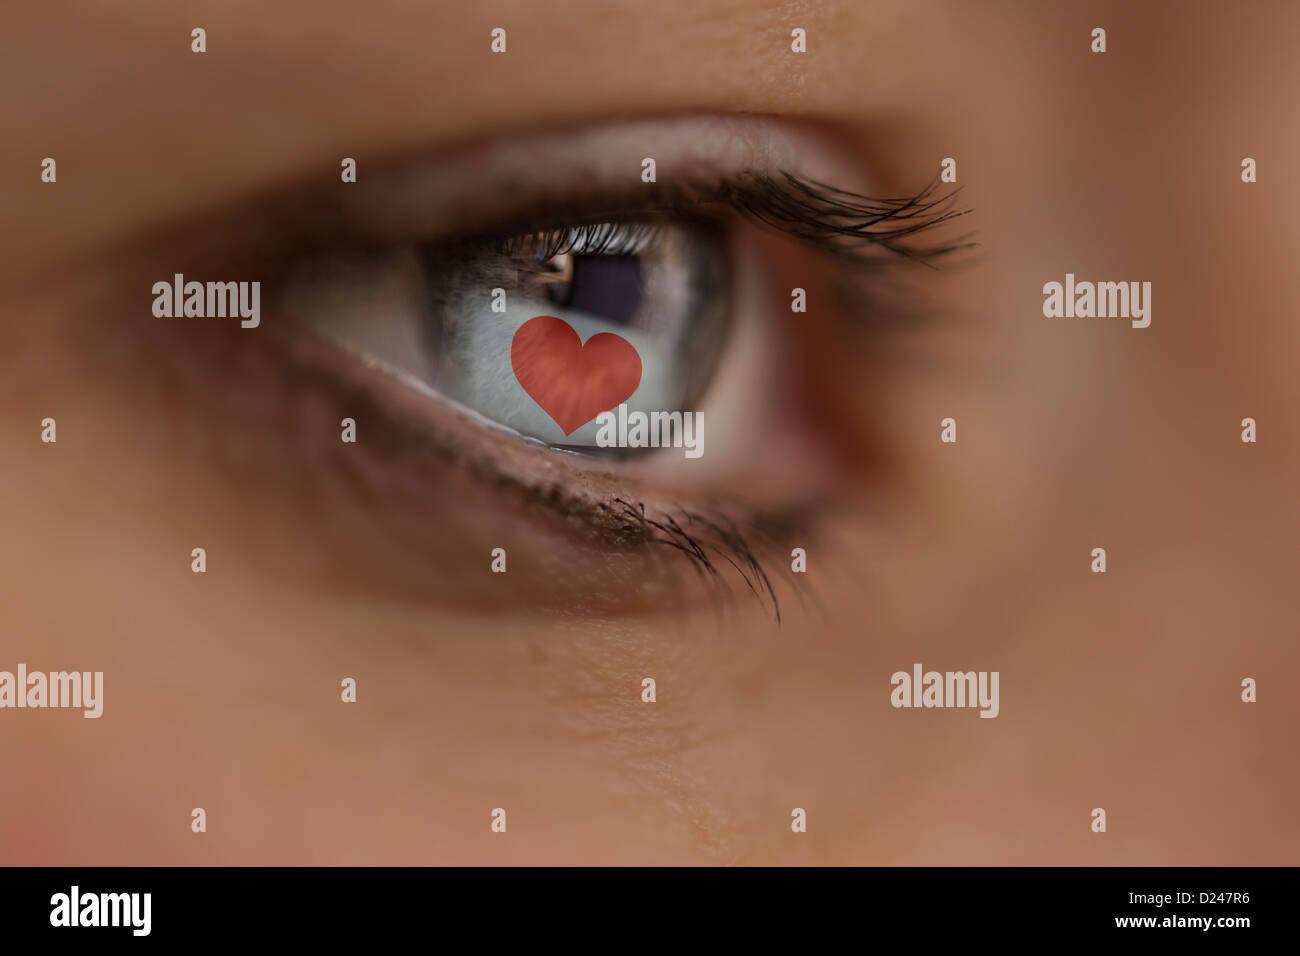 Donna che guarda al sito Internet con un cuore. Simbolo online dating agency, cyber amore Immagini Stock